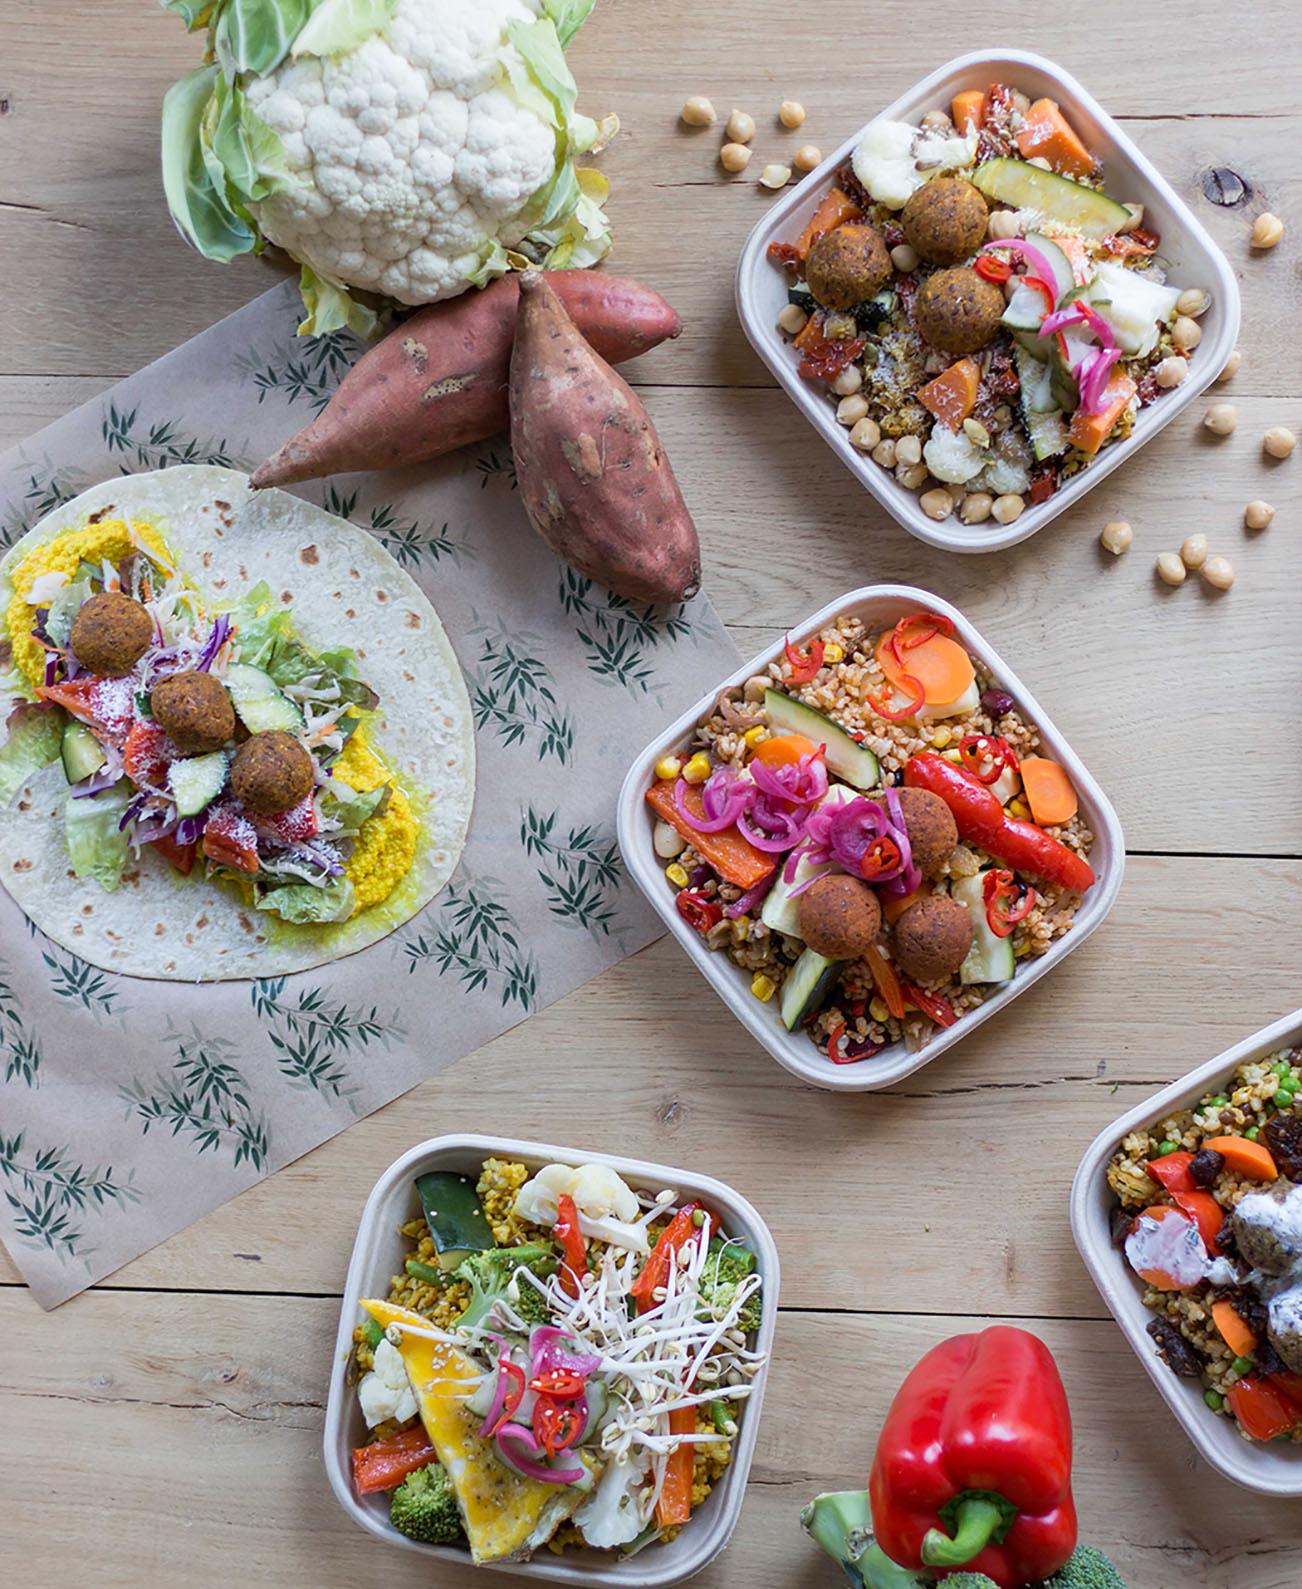 100% biologische gerechten, vegetarisch en vegan healthy fast food, Goed Eten Den haag, Bestellen, Bezorgen, af halen, Gezond, biologisch restaurant, vegetarisch, vegan